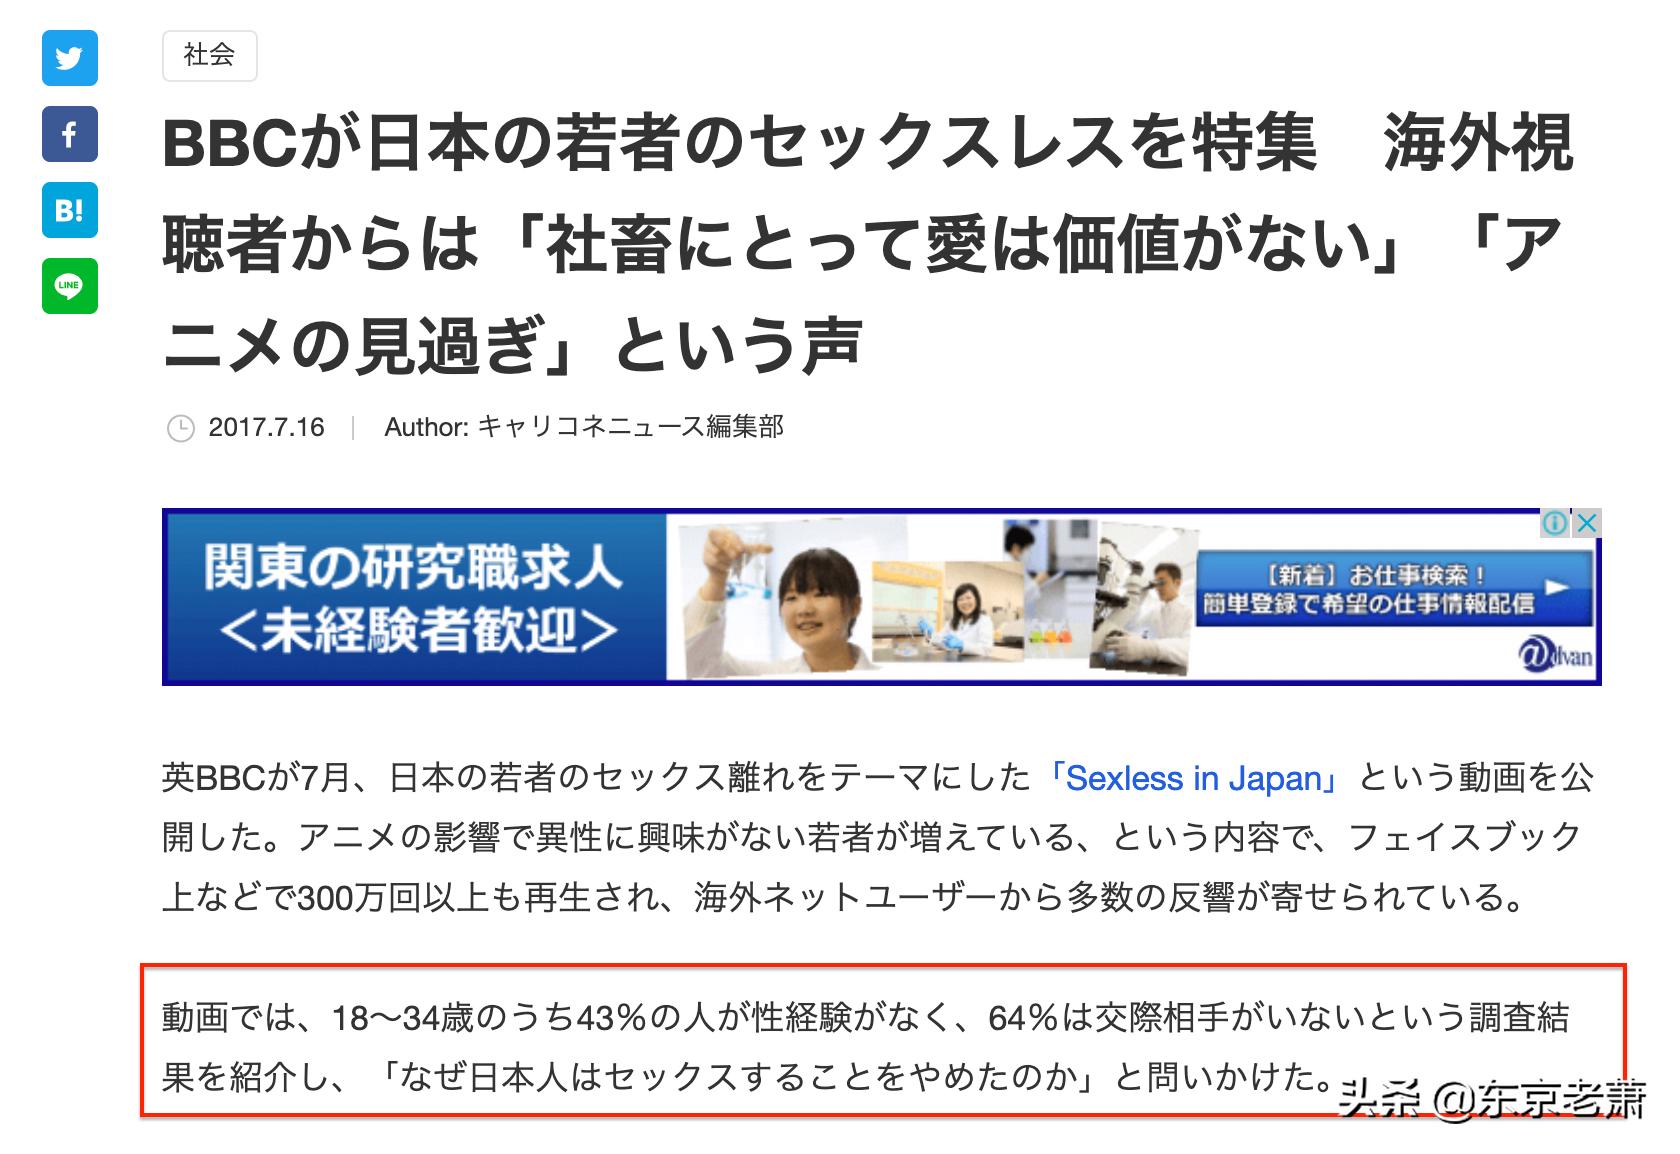 东京很热与性冷淡——日本人的性观念究竟是怎样的?